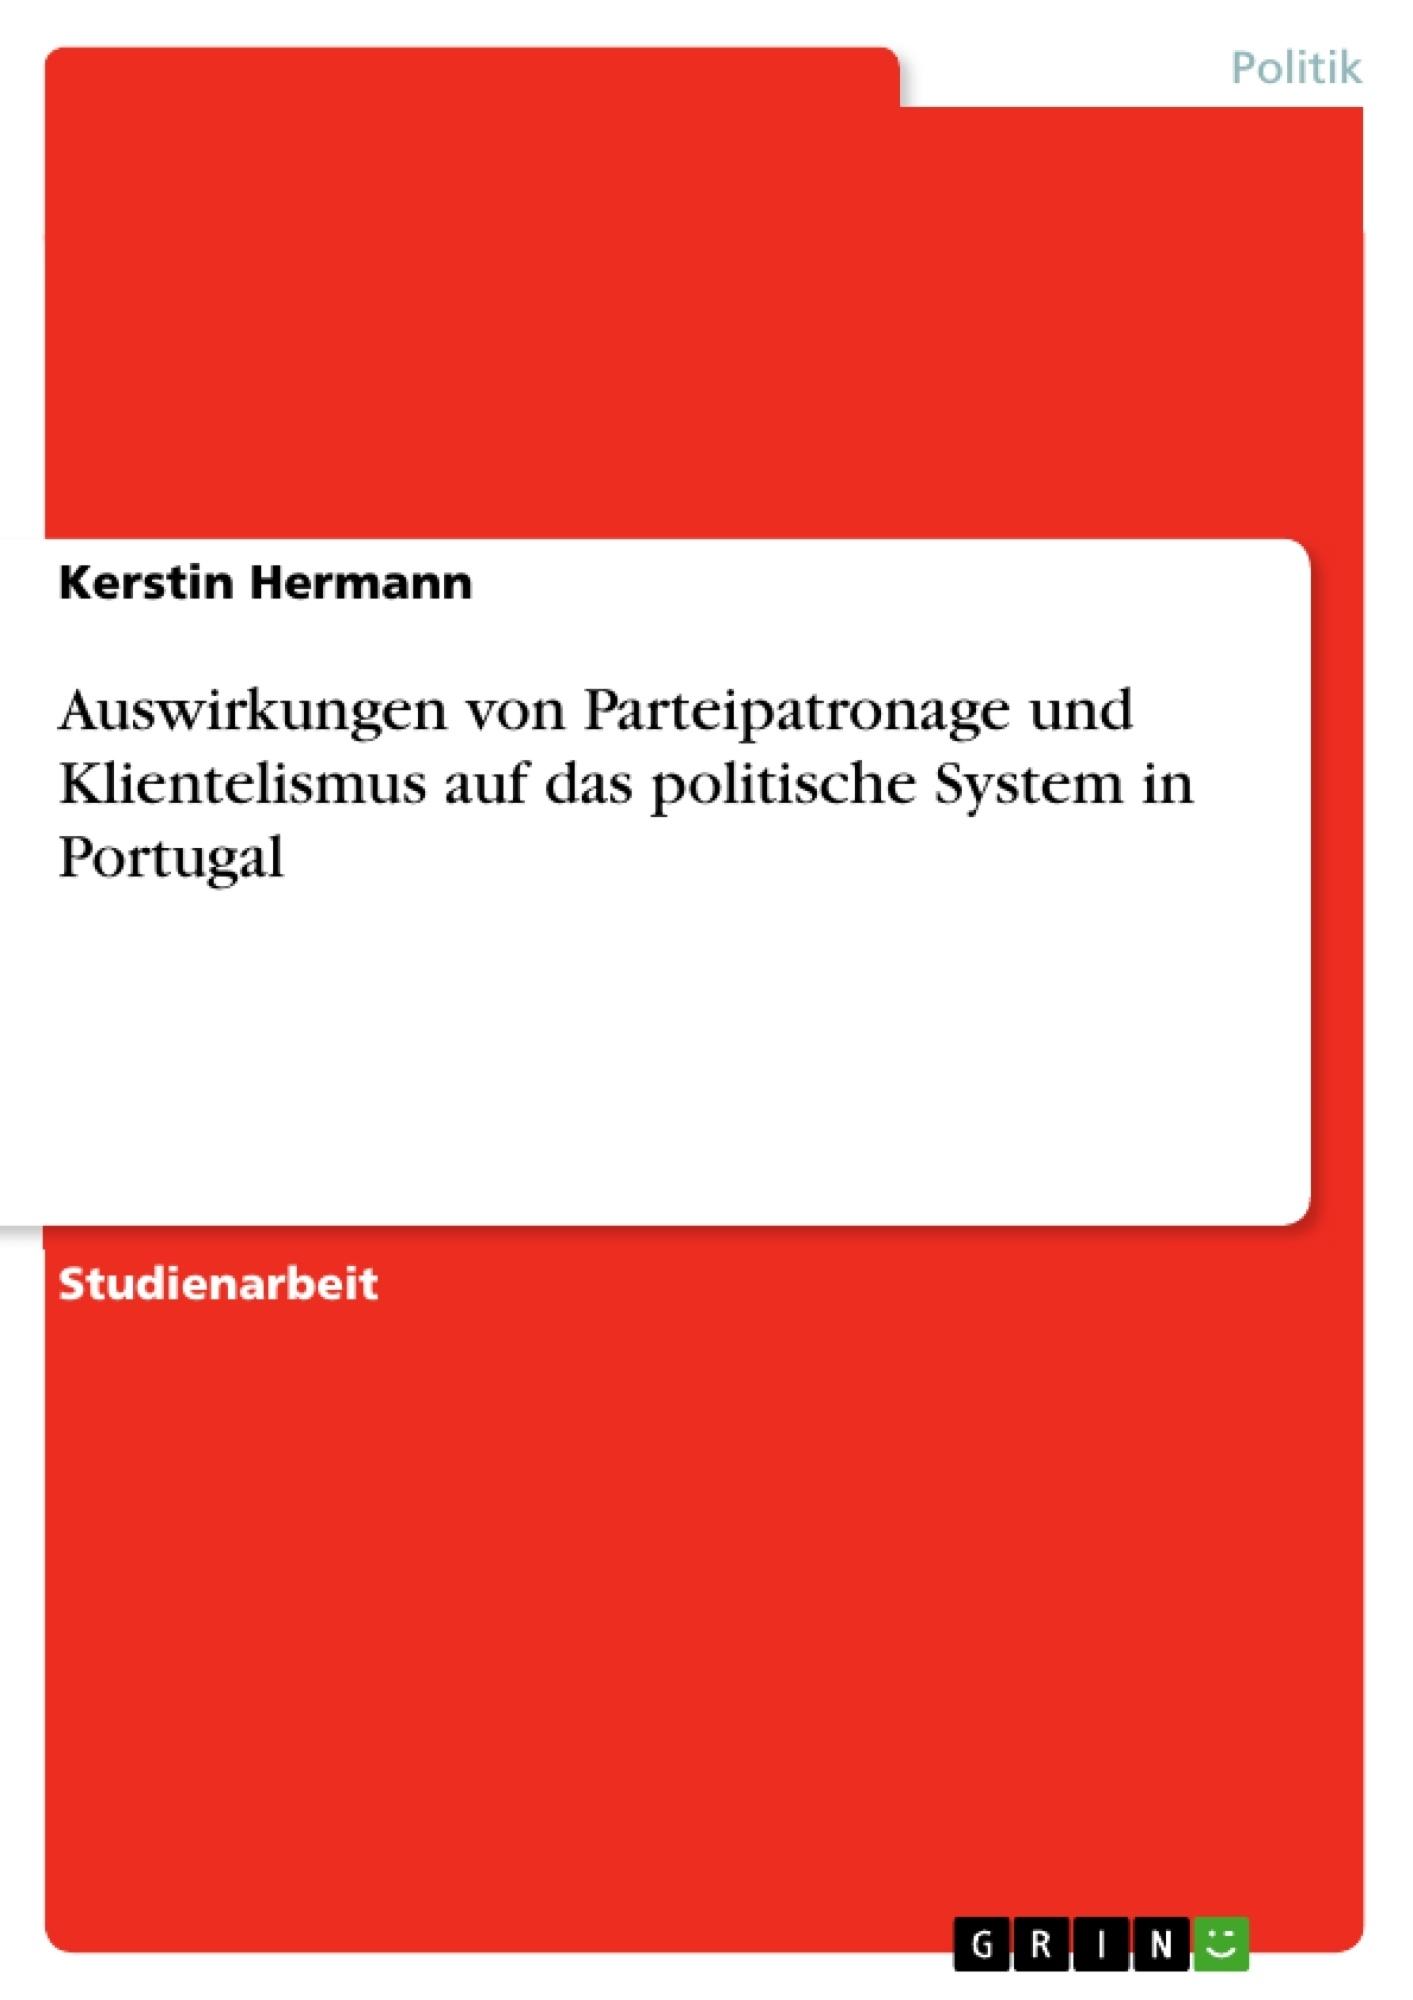 Titel: Auswirkungen von Parteipatronage und Klientelismus auf das politische System in Portugal